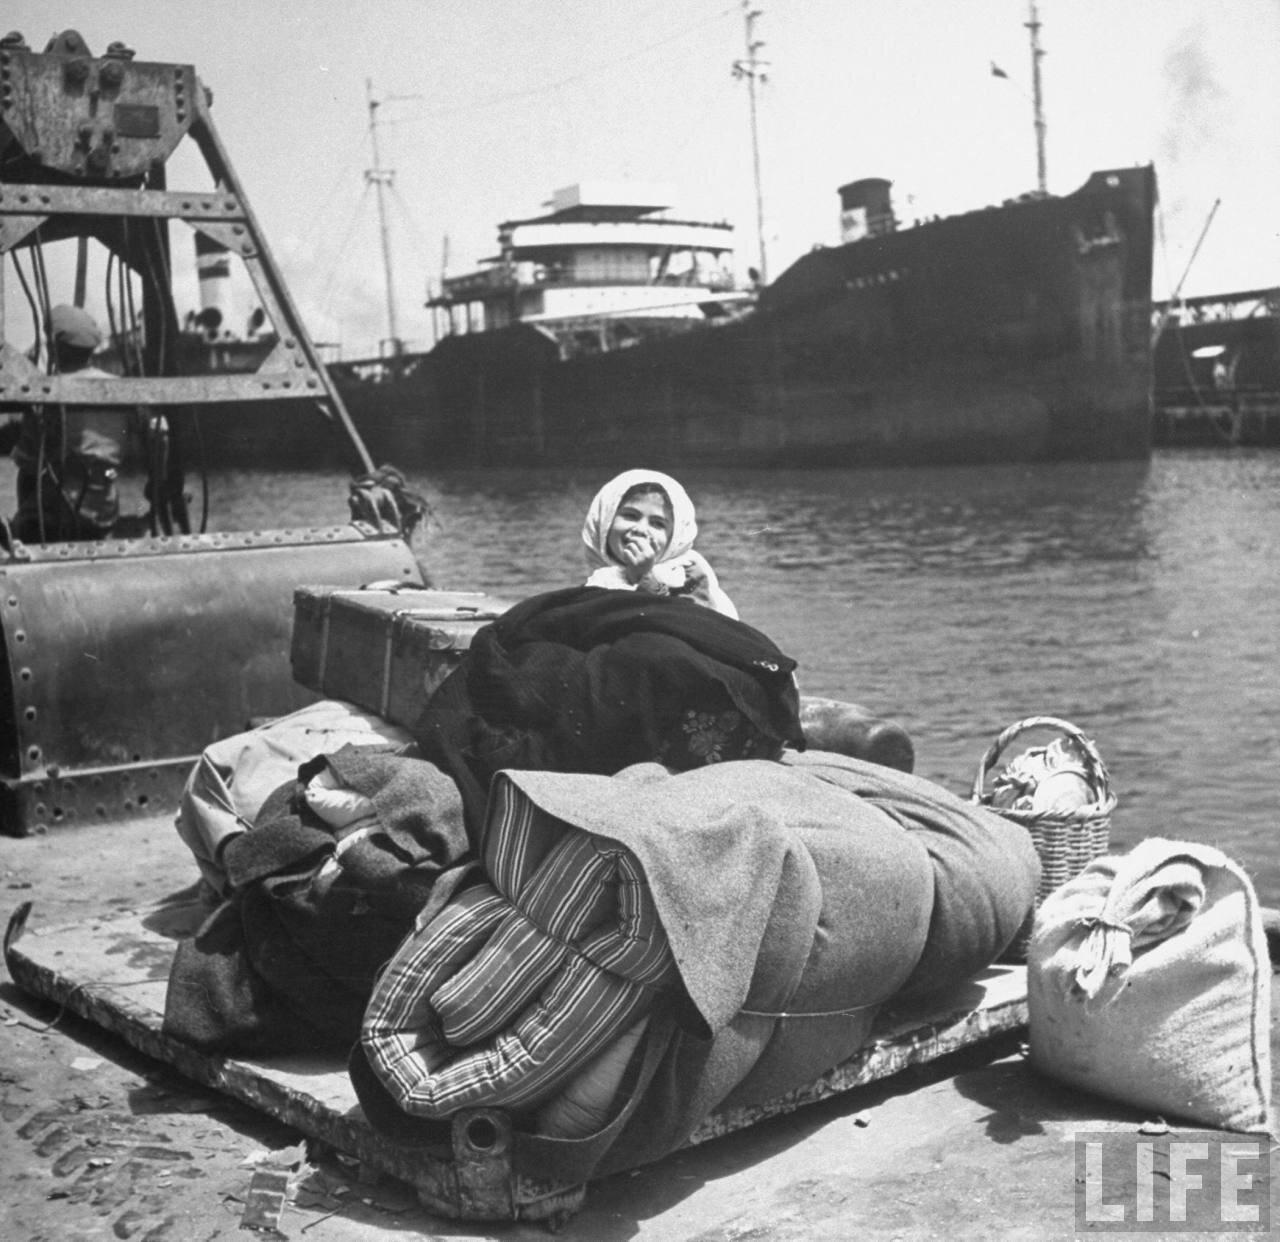 1948. Арабские беженцы в ожидании судна в Хайфе.